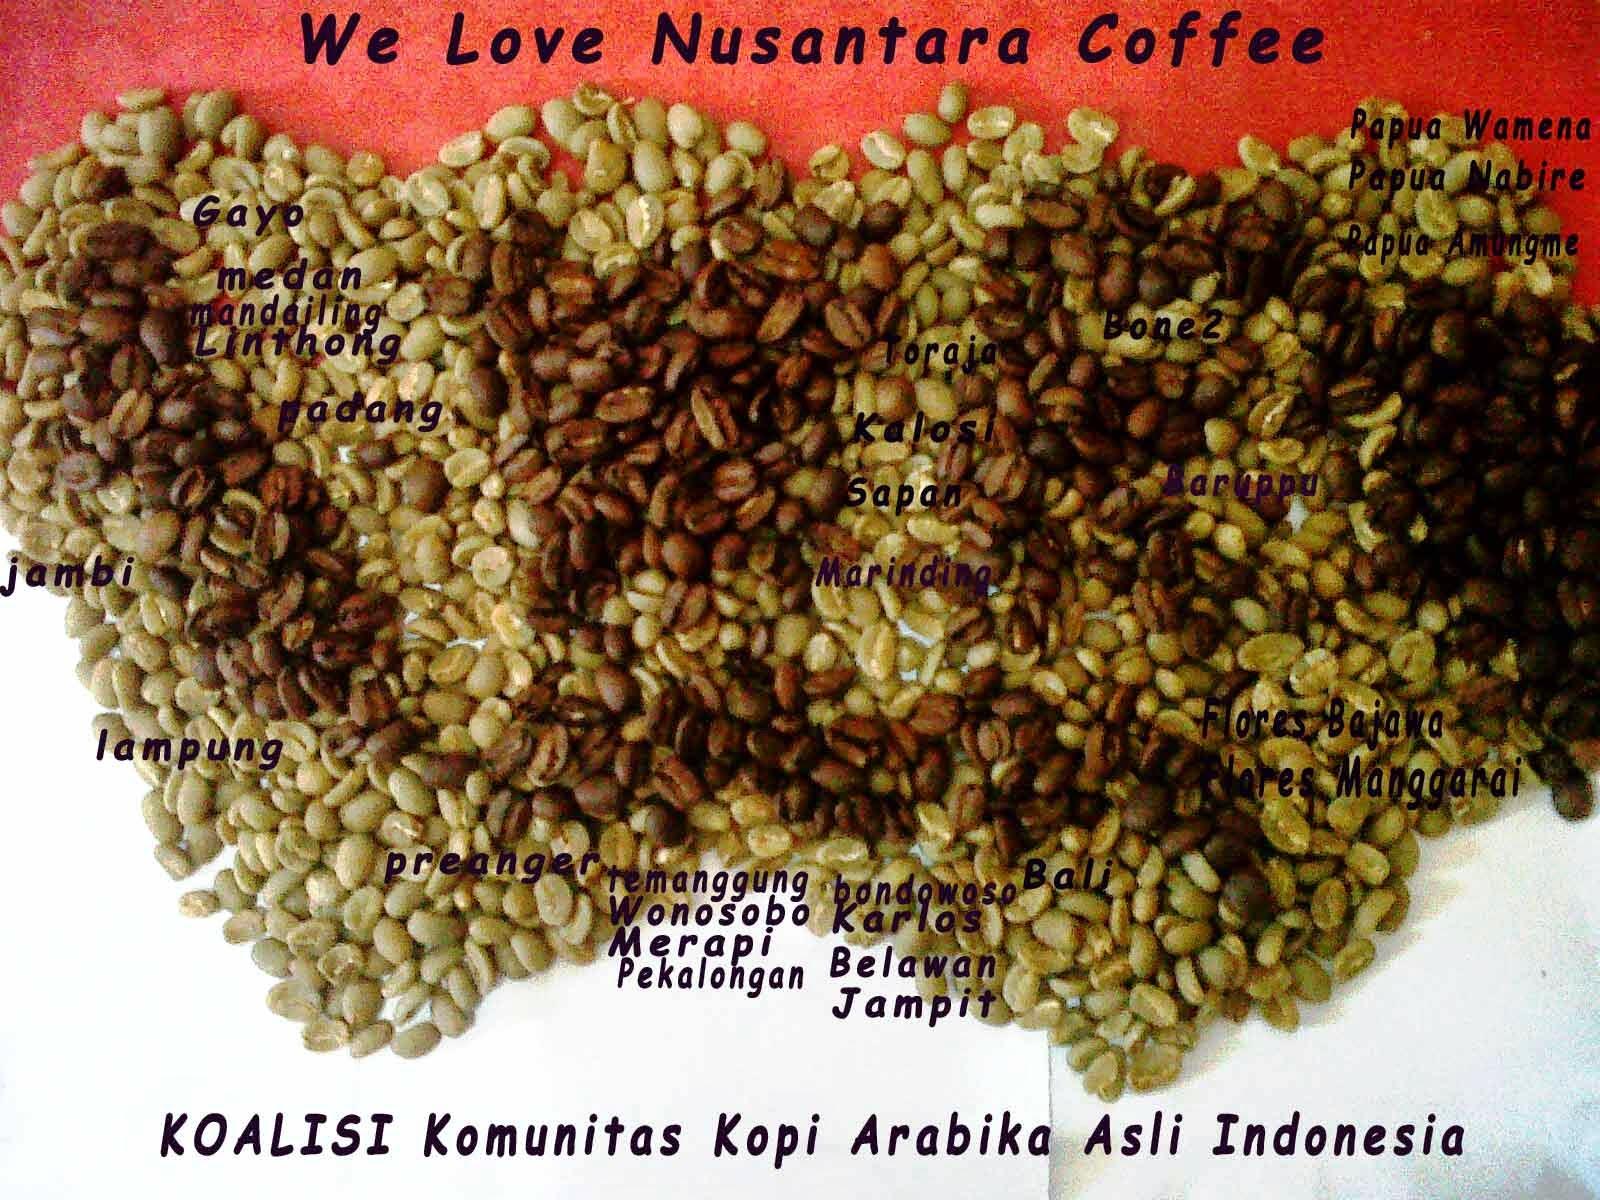 Forest House Update Coffee Price List Daftar Harga Kopi Nusantara Enema Light Roasting Siap Pakai Untuk 1 Kg Kami Menyediakan Terbaik Langsung Dari Petani Daerah Pengahasil Di Indonesia Dengan Kualitas Premium Atau Grade1